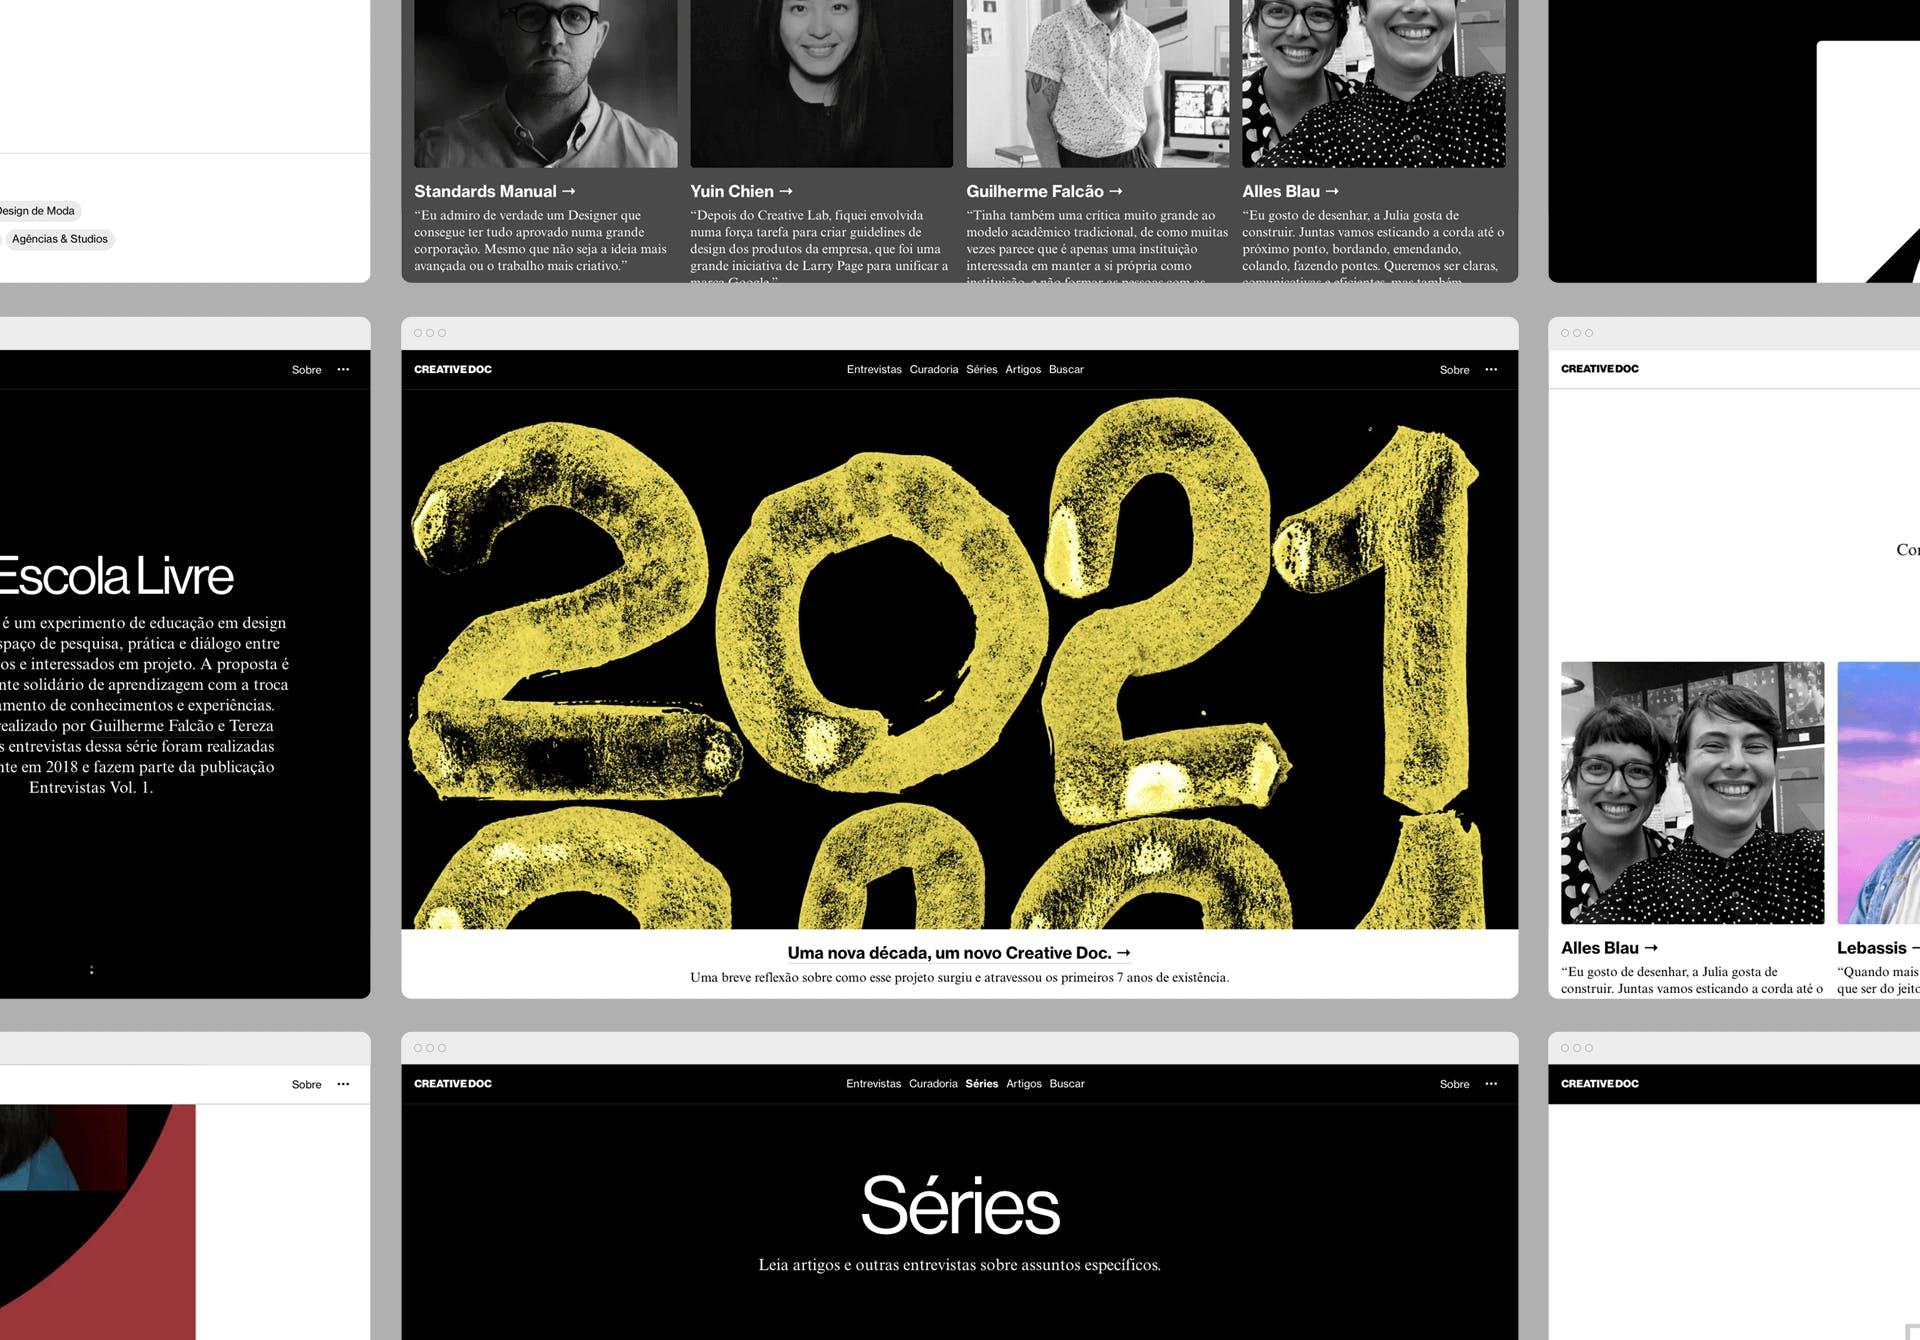 Imagem contendo interfaces gráficas do site.